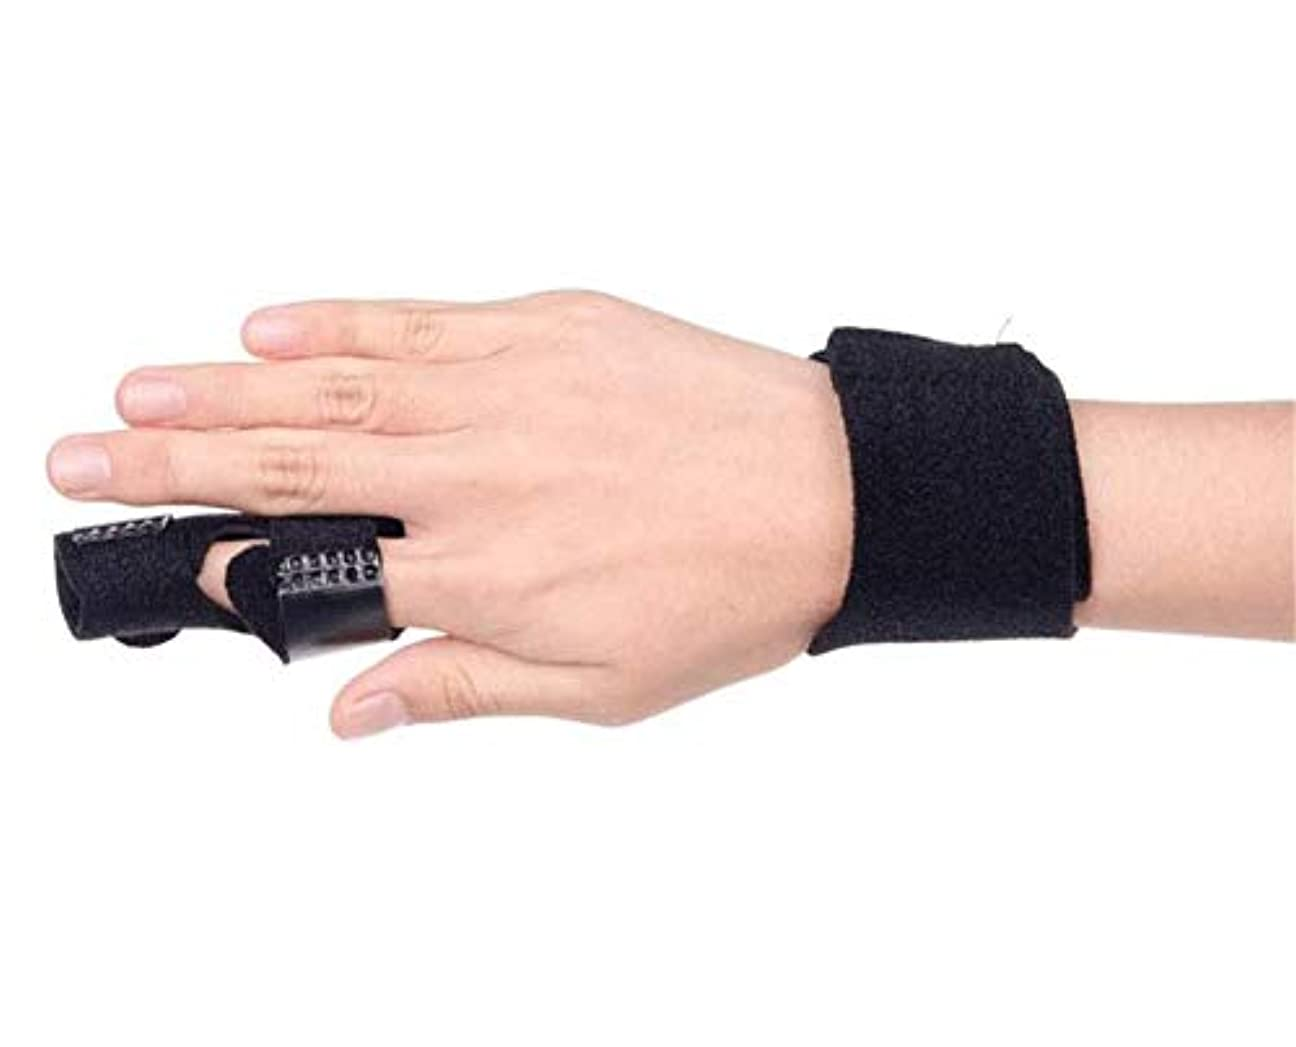 肯定的鋼威信ベルトリリースや痛みを固定アジャスタブル - 中指、薬指、人差し指ブレースについてインソールフィンガースプリントを指